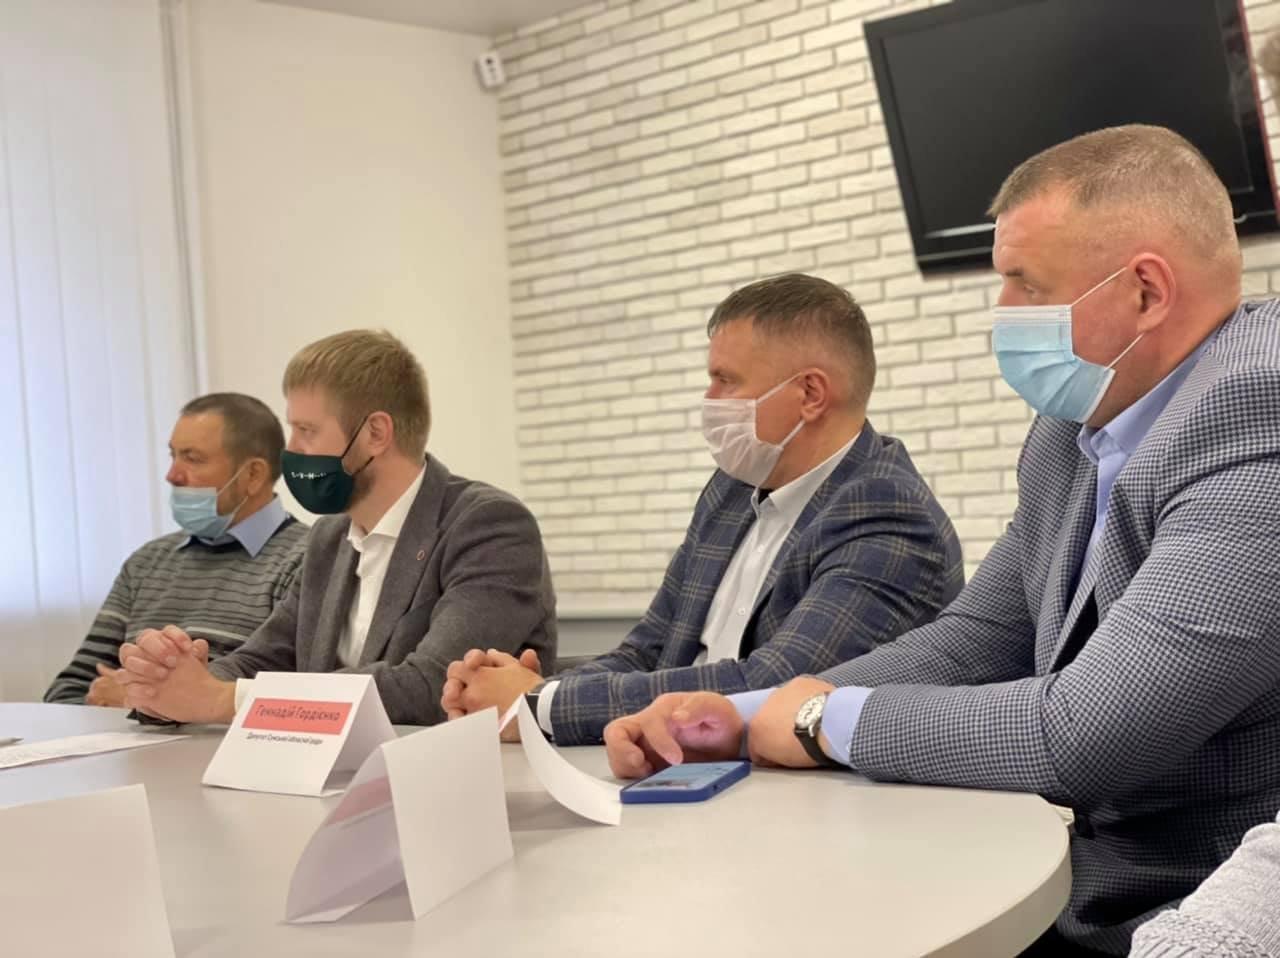 «Ні продажу української землі»: аграрії, фермери, землевласники Сумщини та депутати підписали резолюцію , фото-3